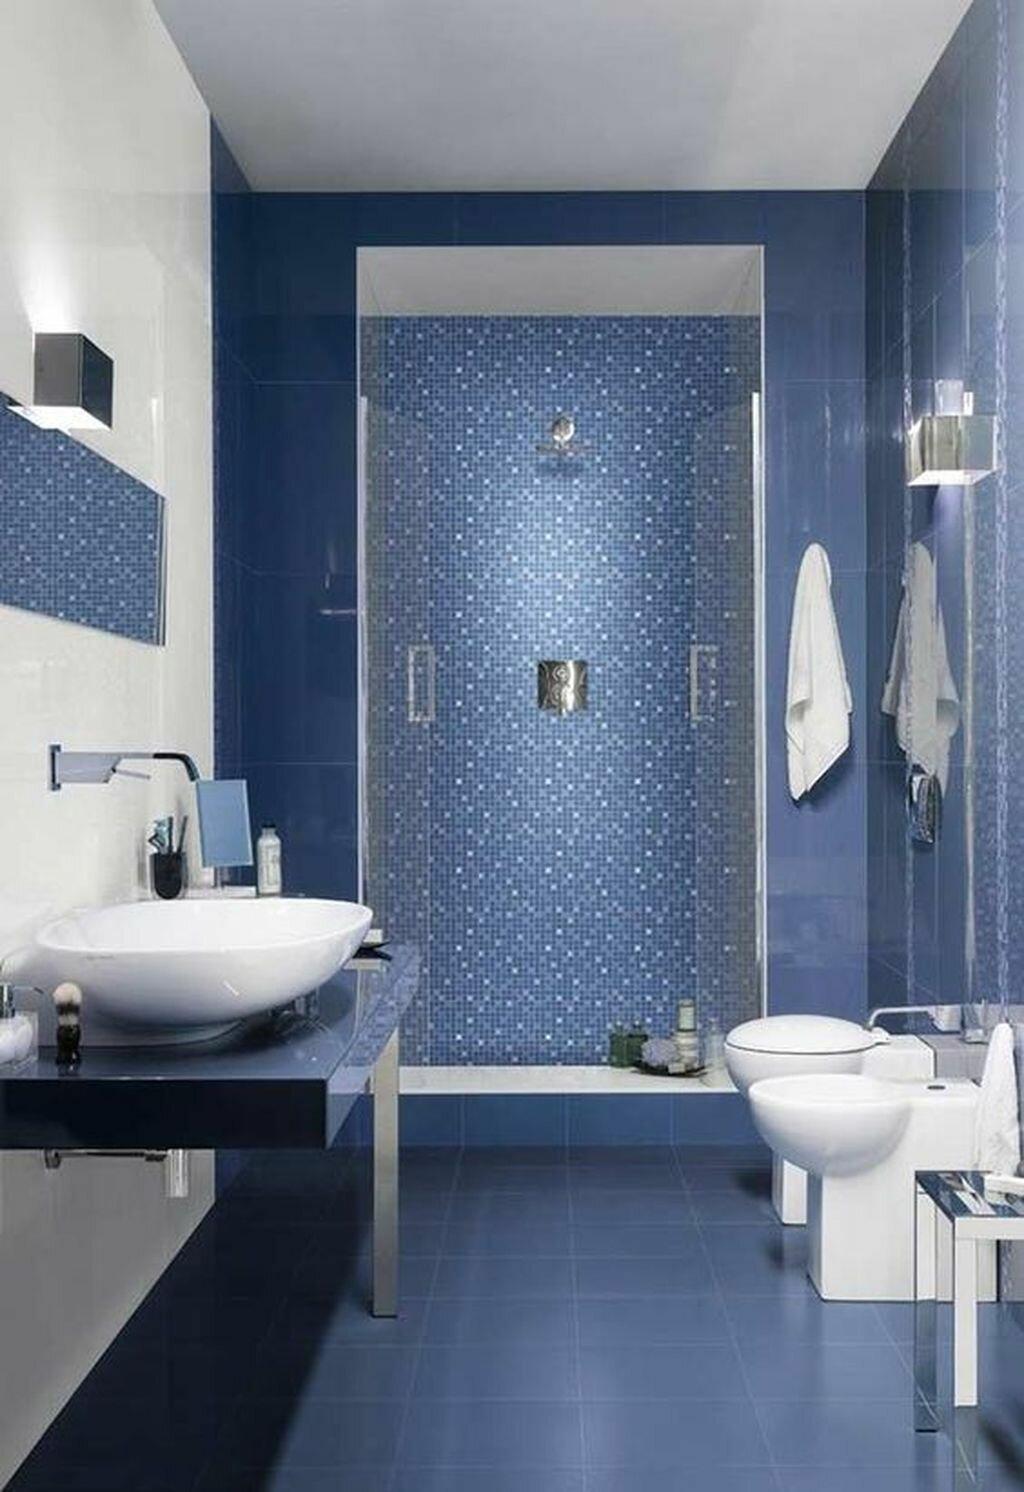 Темно-синяя плитка на полу и на стенах ванной с белой сантехникой